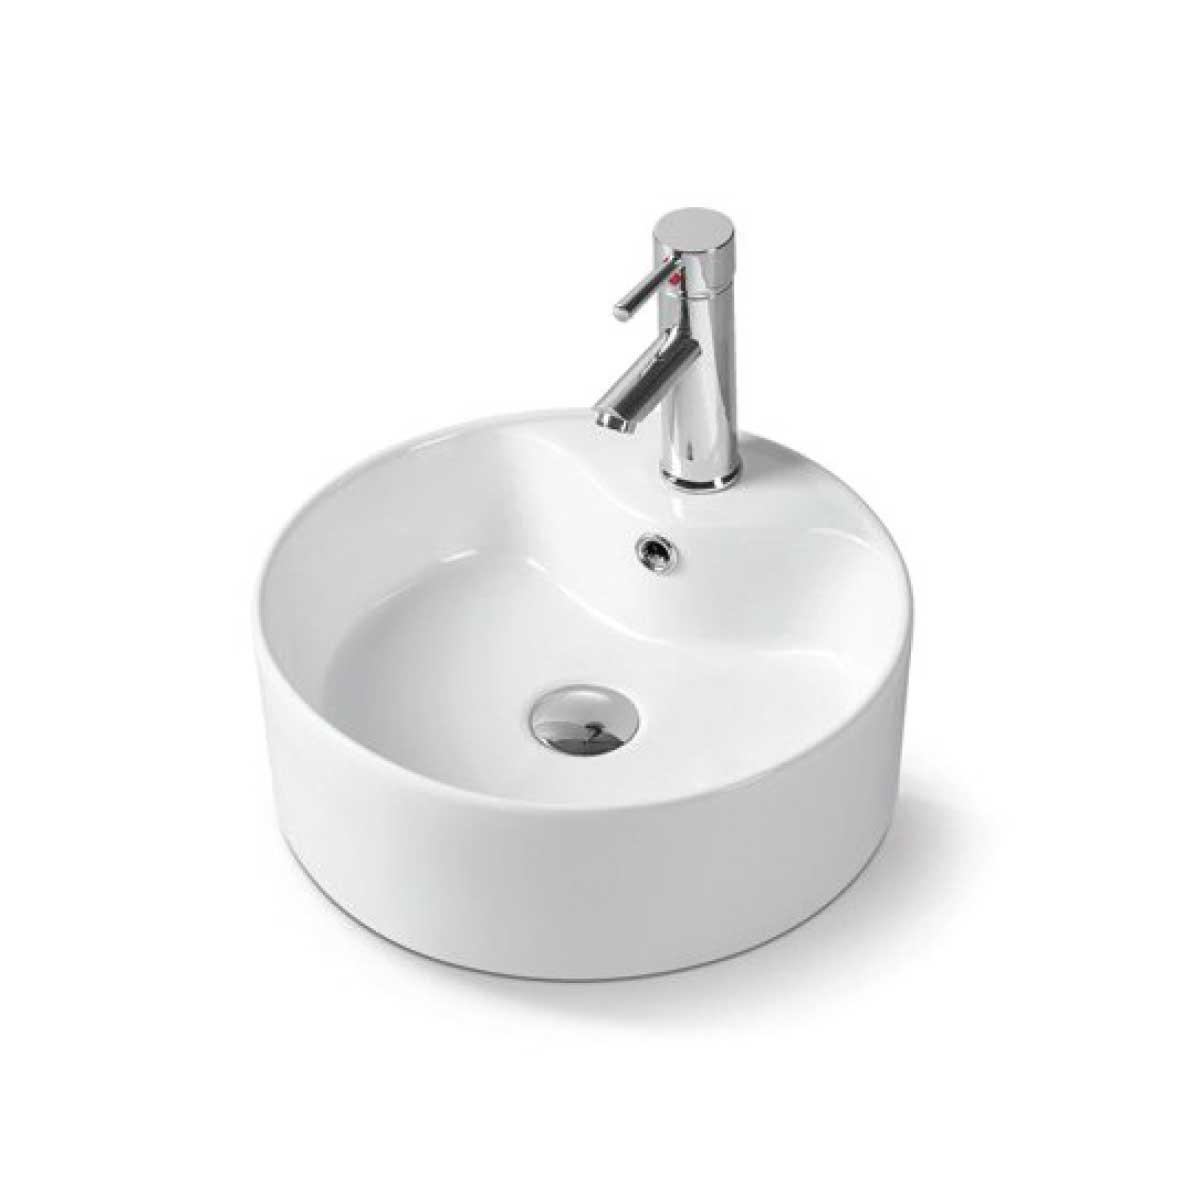 Раковина керамическая Vincea VBS-132, 400*400*140, накладная, цвет белый